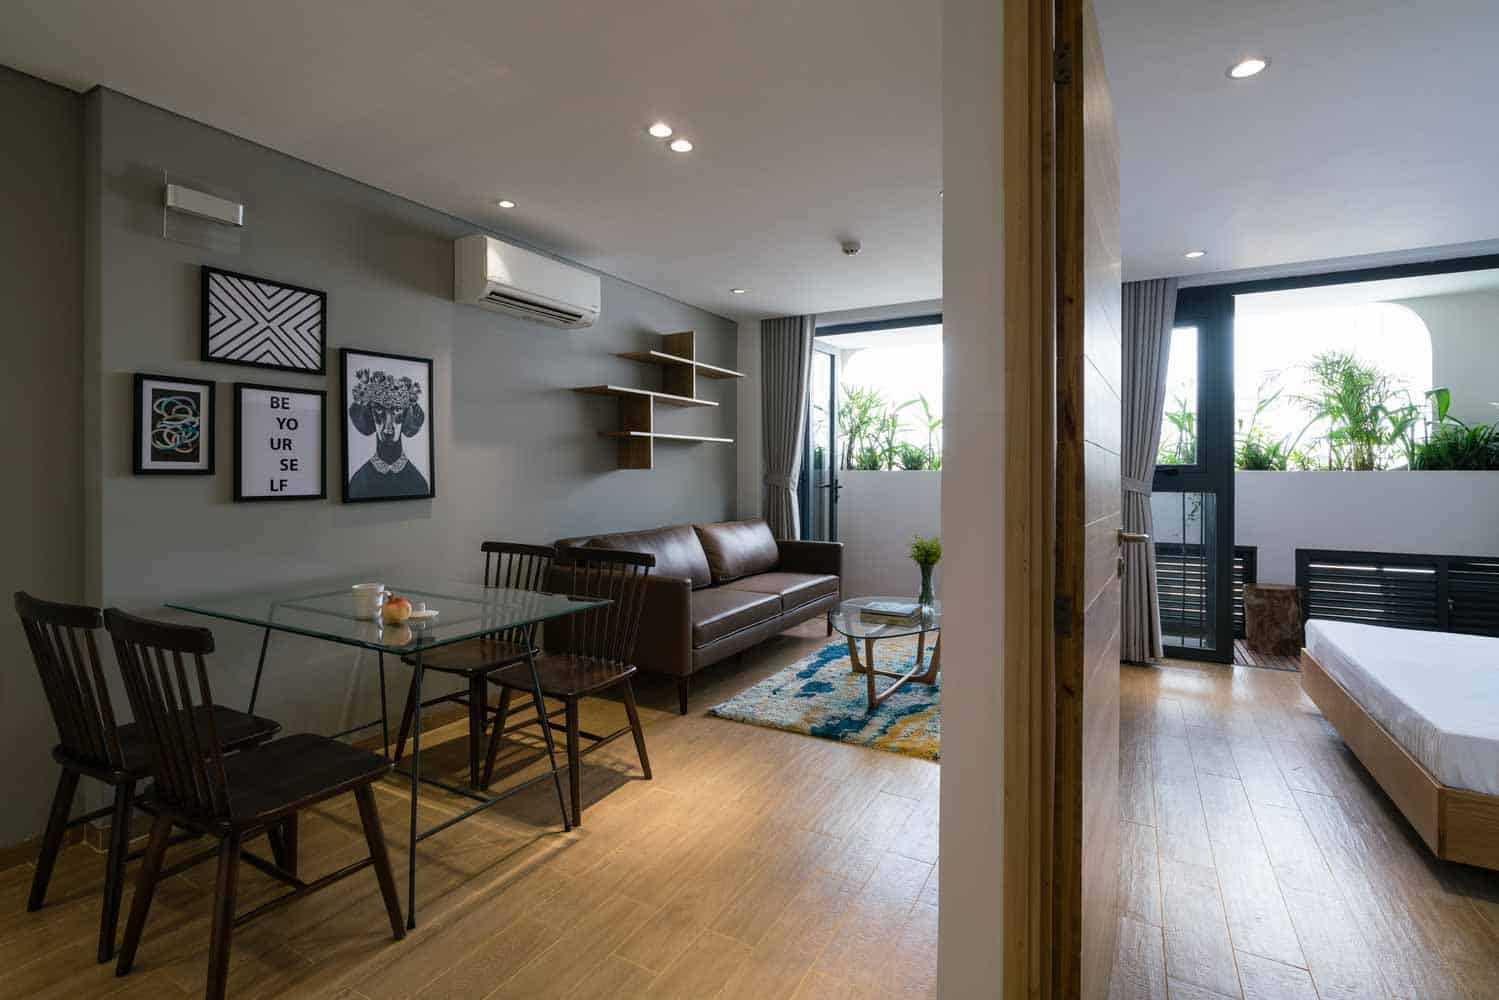 thiết kế căn hộ đẹp